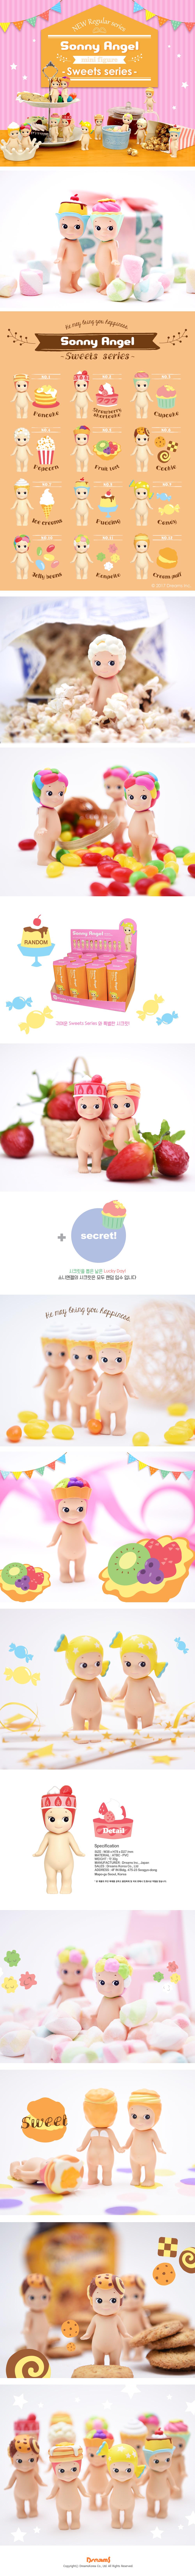 [드림즈코리아 정품 소니엔젤] 미니피규어-Sweets Series(박스) - 소니엔젤, 88,800원, 캐릭터 피규어, 소니엔젤